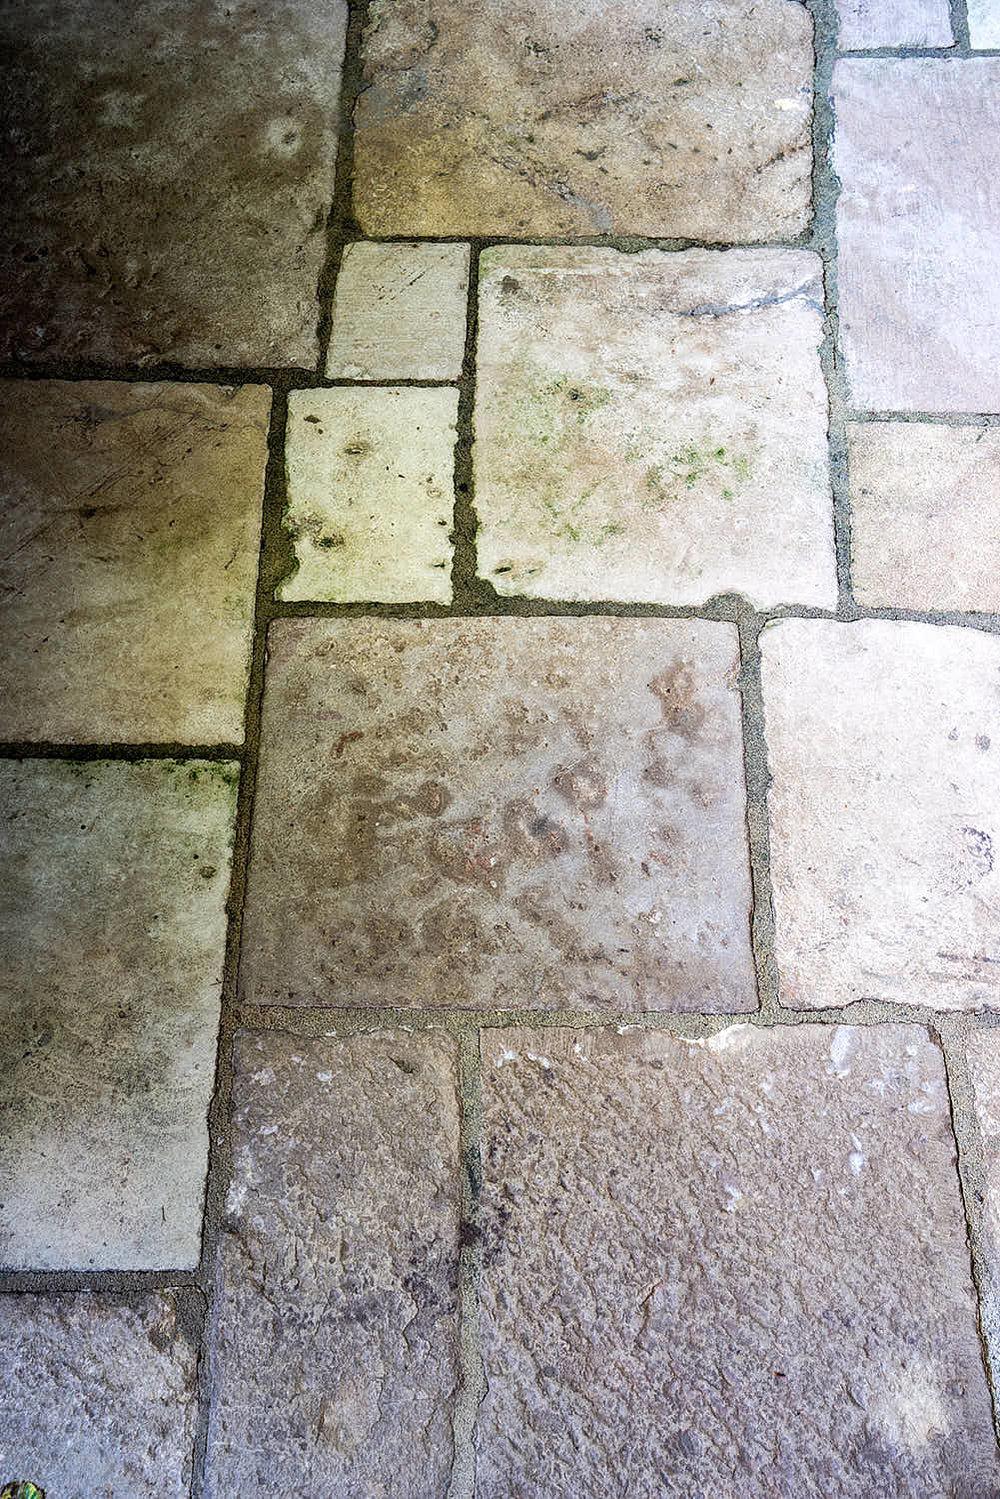 Epp-Gartenbau-Pflaster-99.jpg